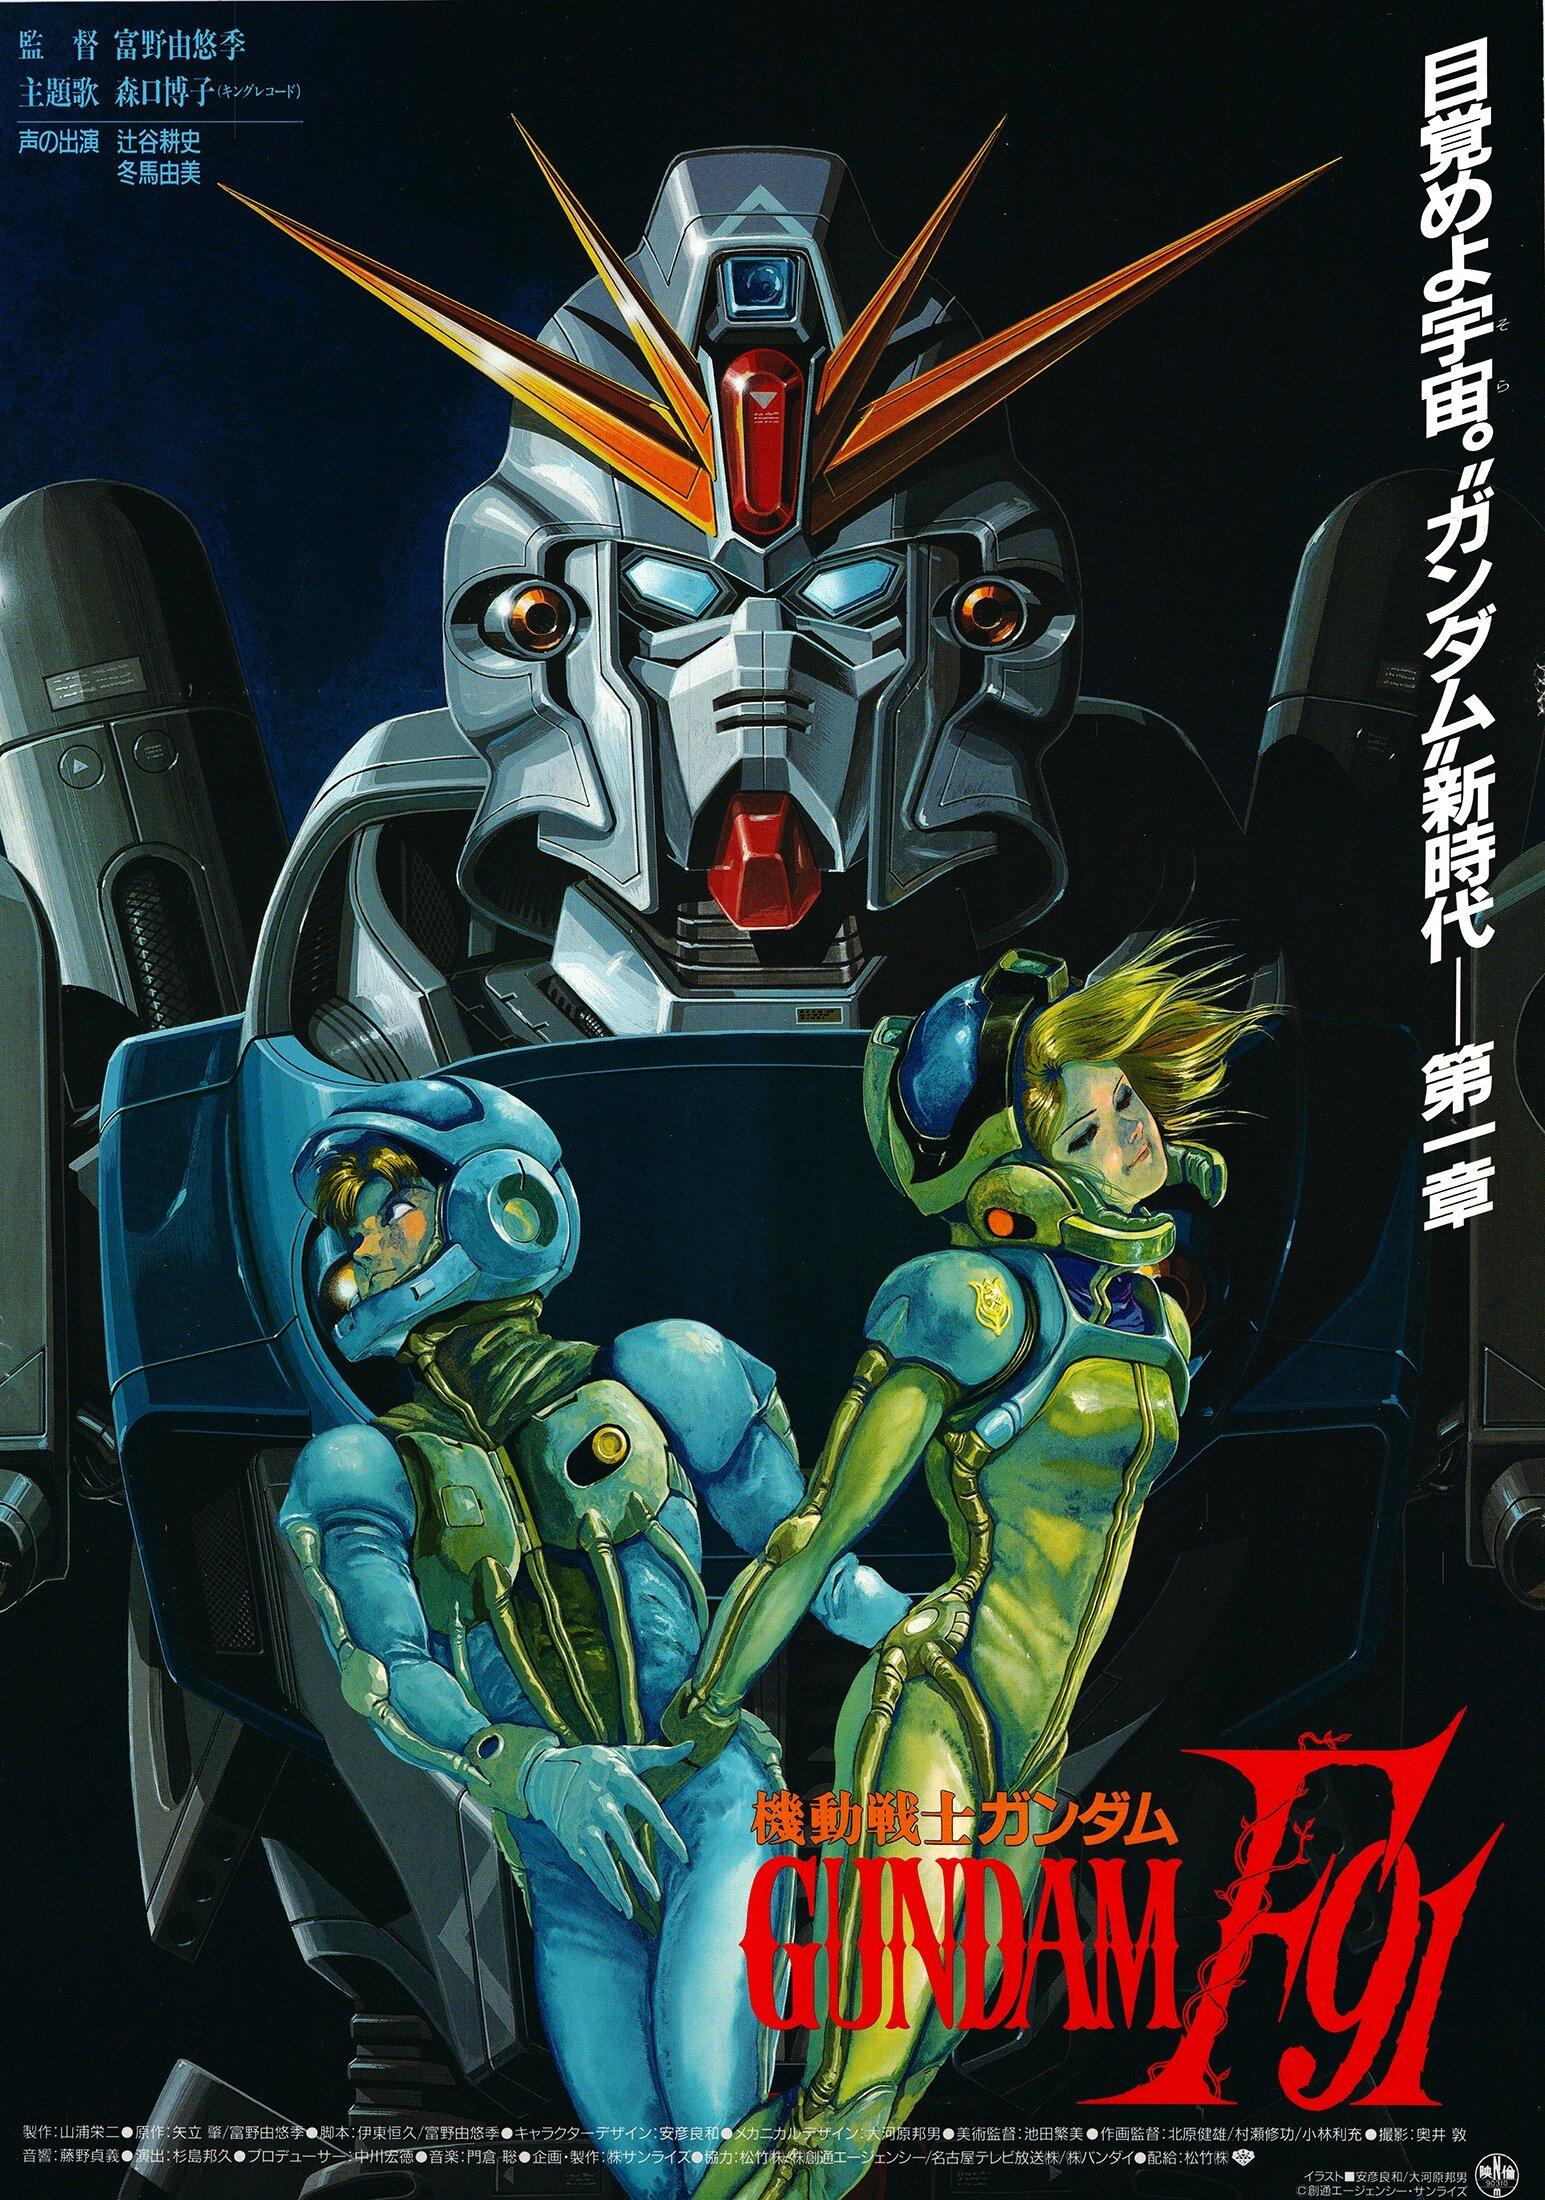 anime-poster-mobile-suit-gundam-f91.jpg